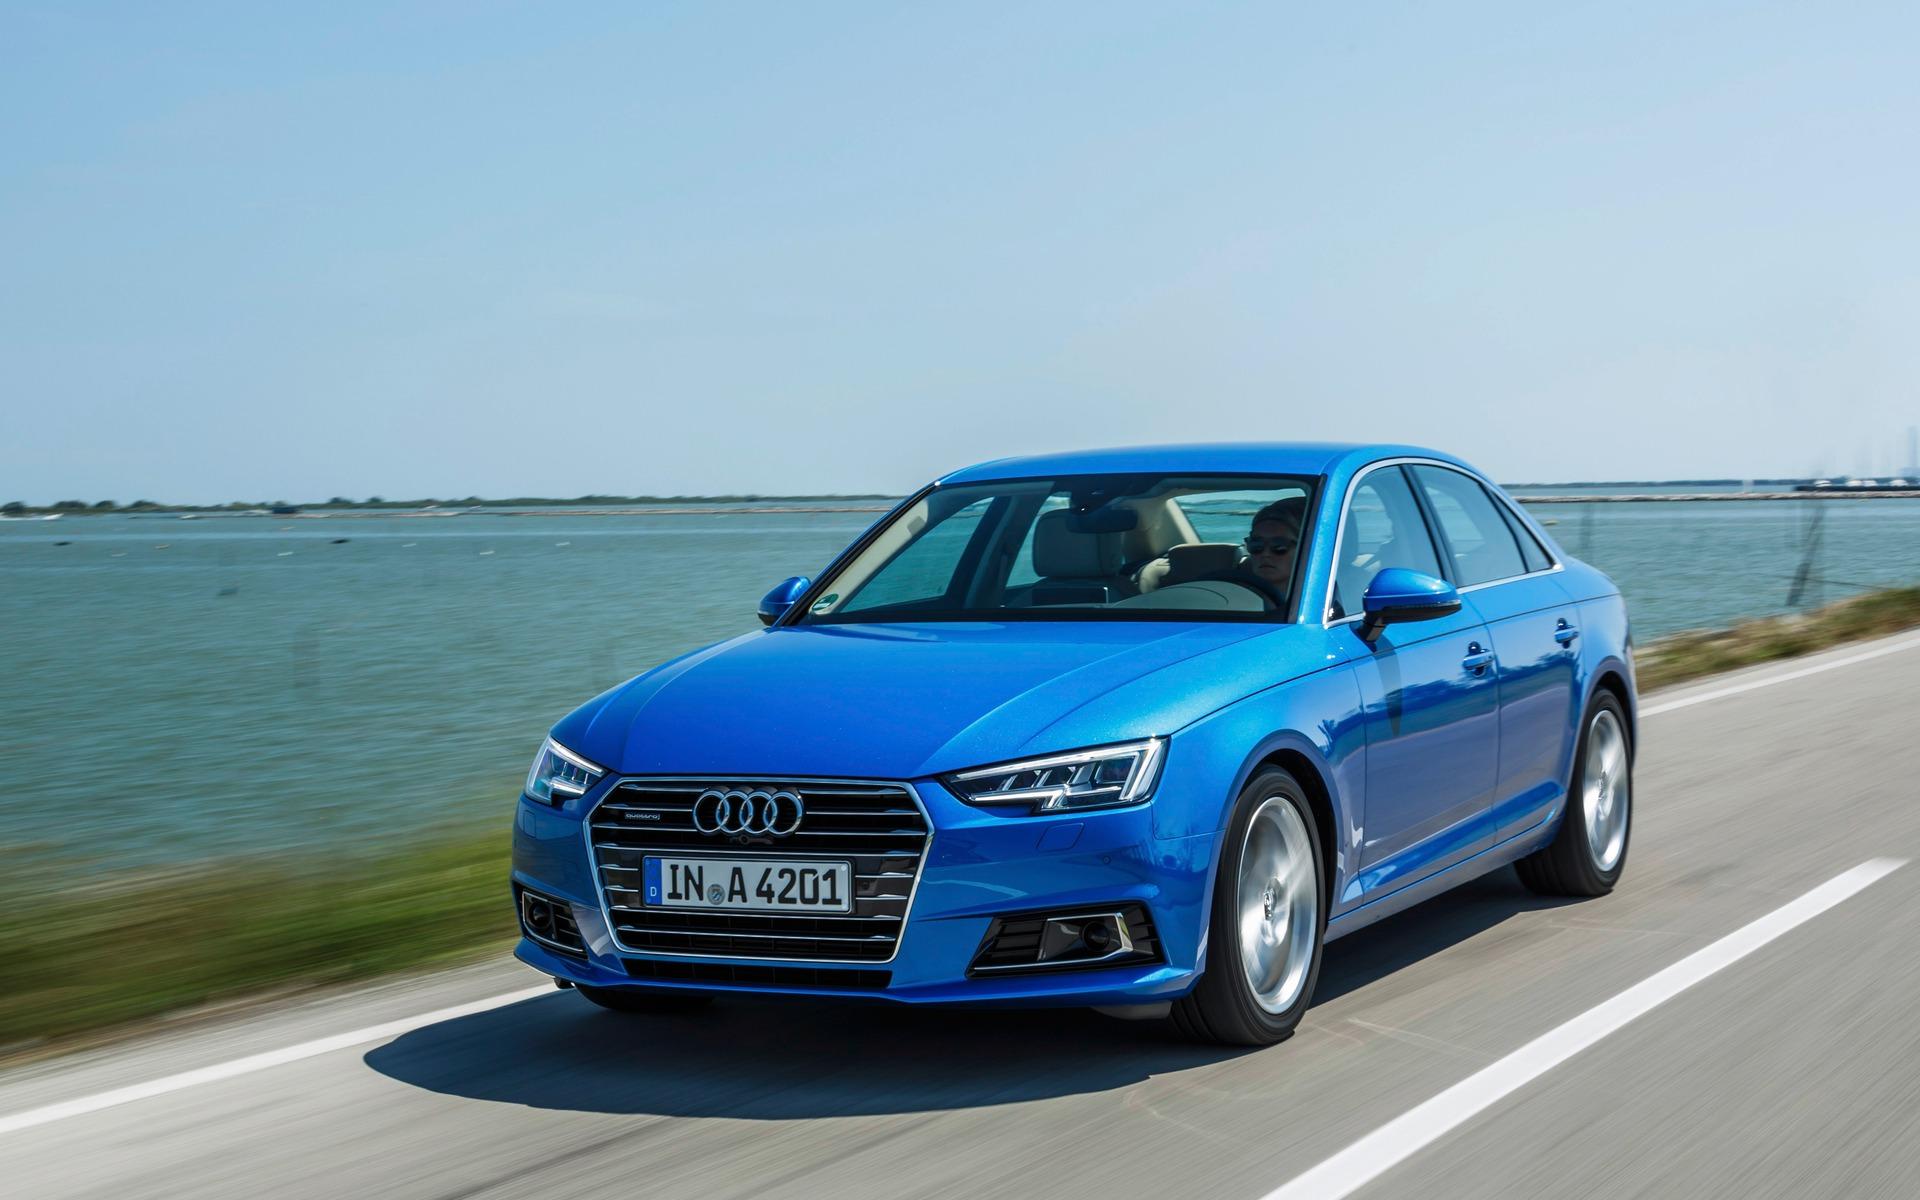 Audi A4 2017 - Un coefficient aérodynamique exceptionnel de 0,23.